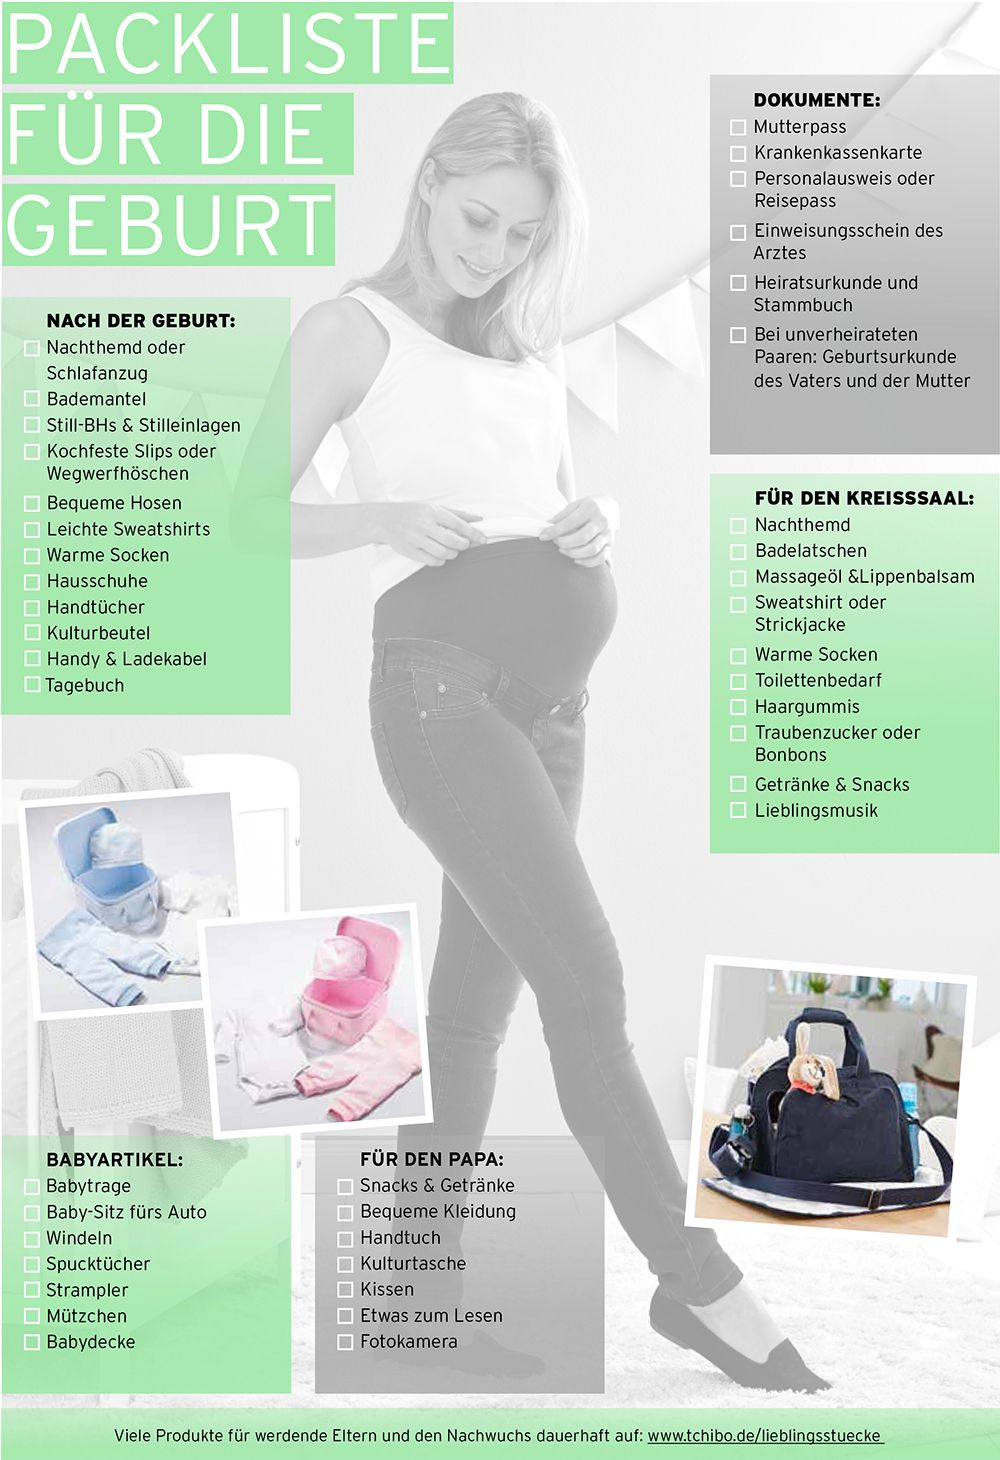 Startklar fürs Krankenhaus: die Packliste für die Geburt ...